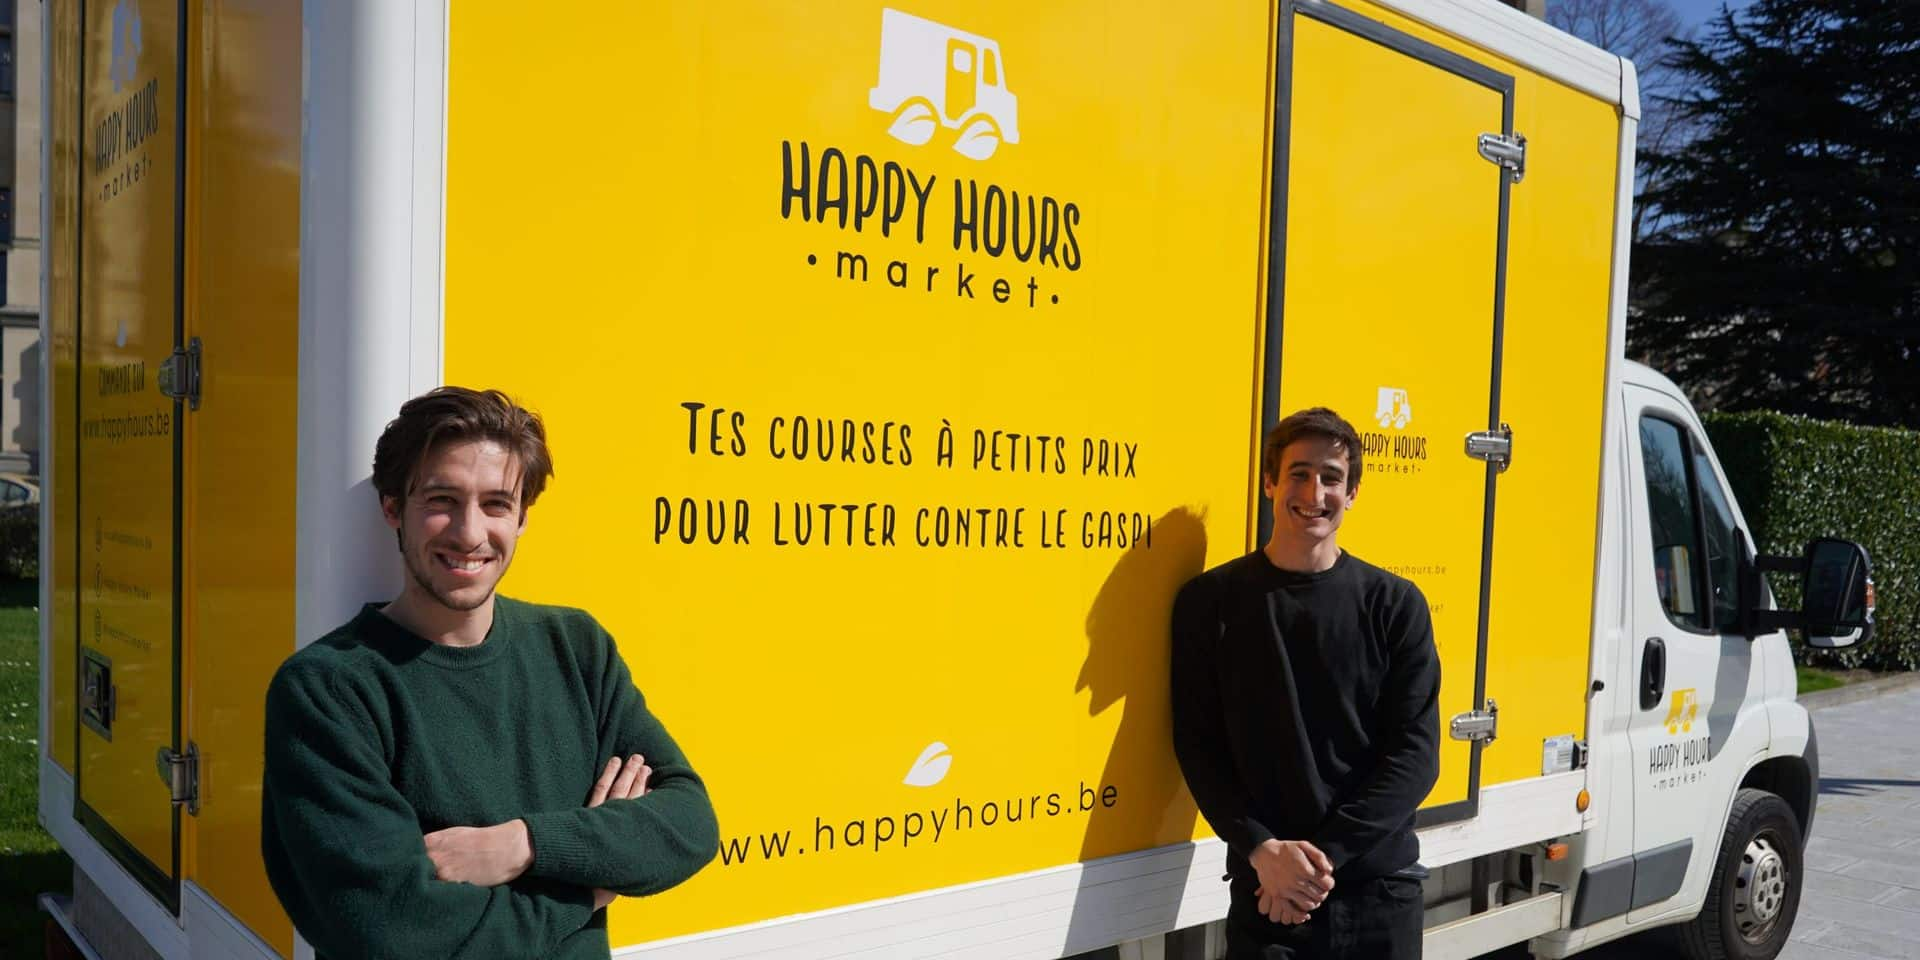 La start-up Happy Hours Market lève plus de 100.000 euros contre le gaspillage alimentaire